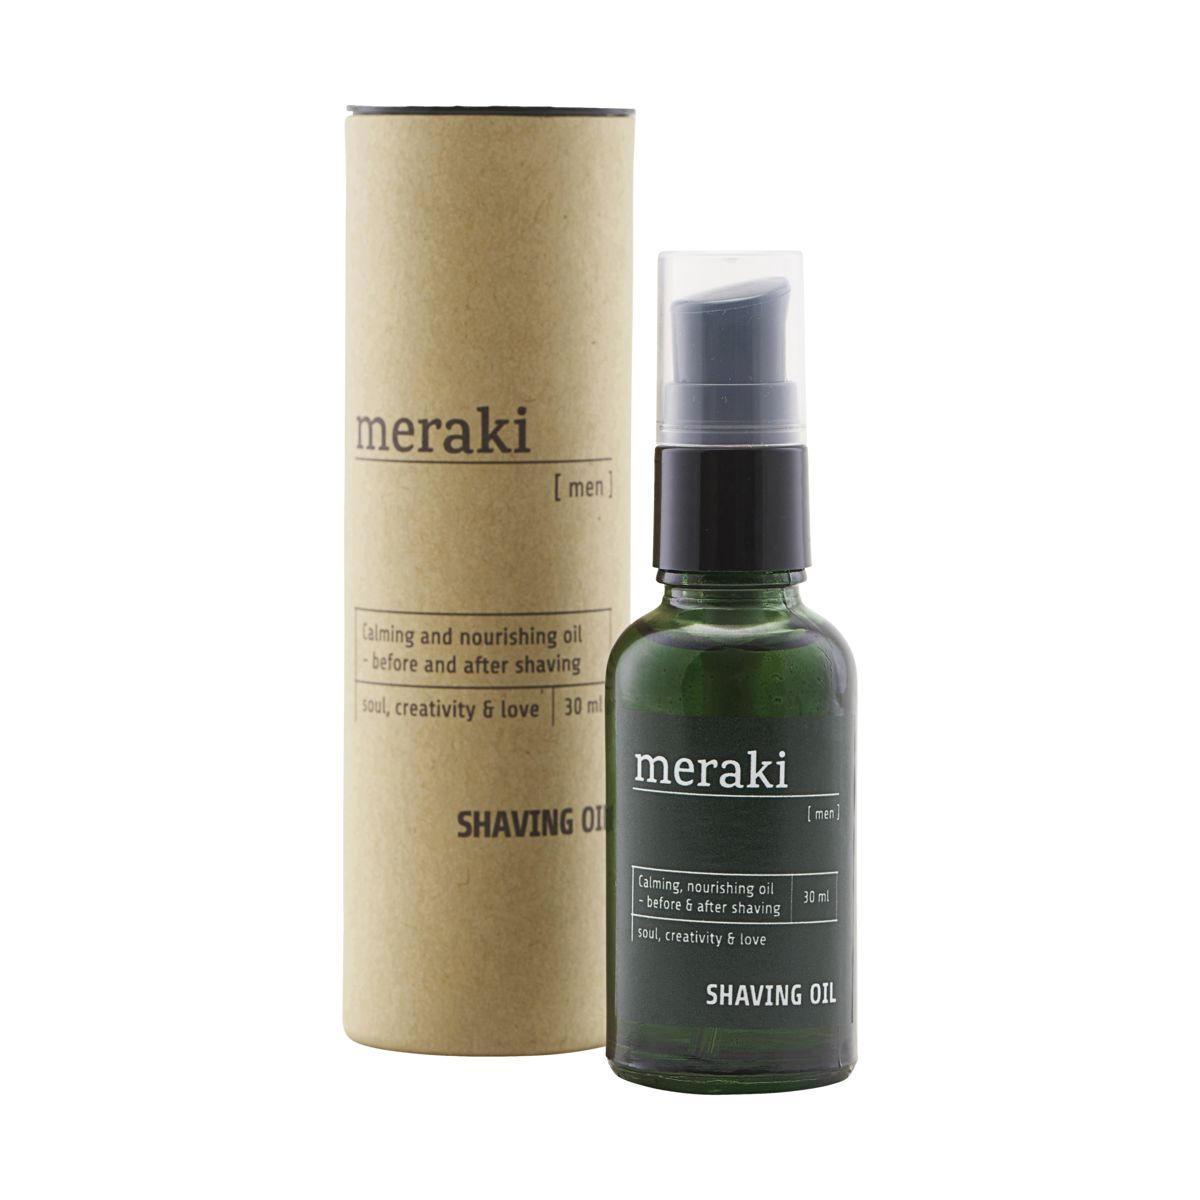 meraki Pánský olej na holení Men 30ml, zelená barva, sklo